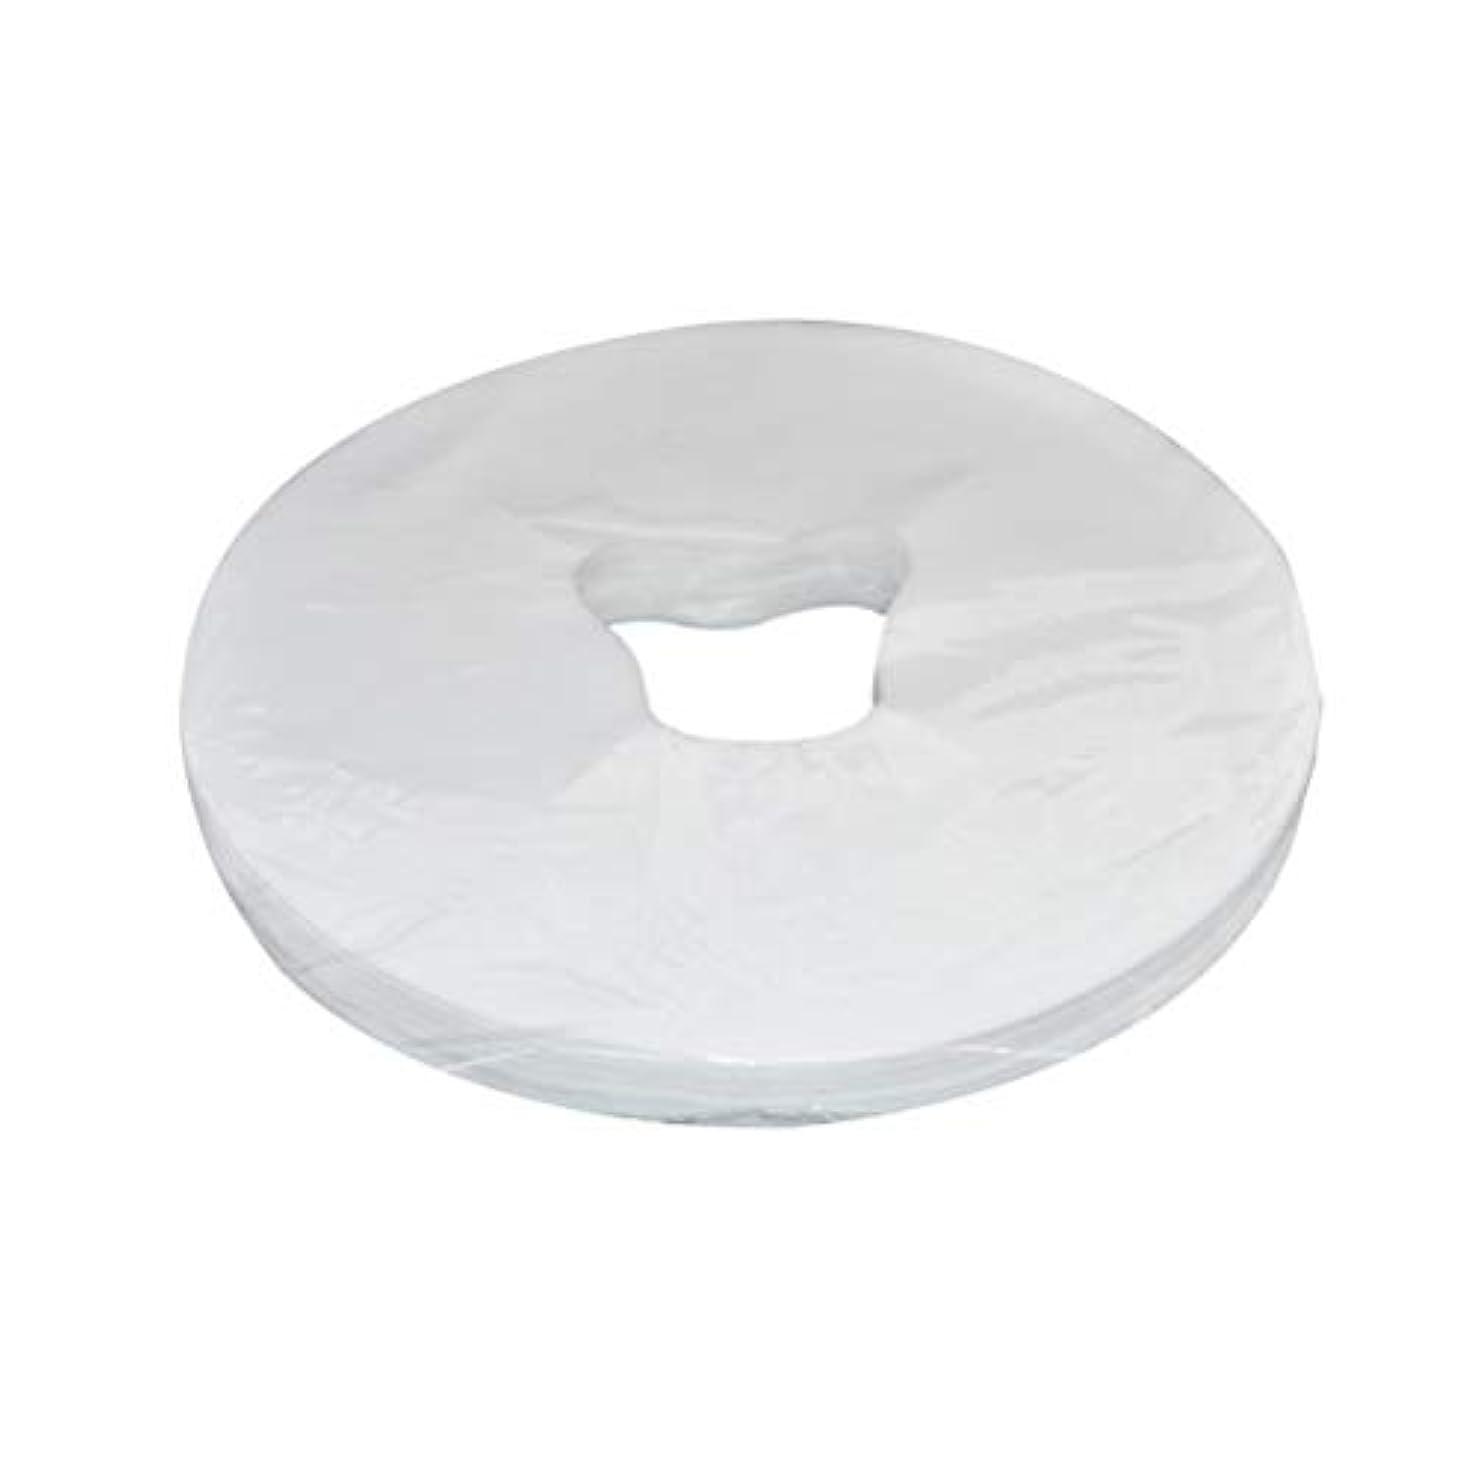 涙が出る強調するジョブSUPVOX 100シートマッサージフェイスレストカバー使い捨てフェイスクレードルカバーマッサージヘッドレストカバーSPA美容院マッサージタトゥーホテルマットレスカバー29×28 cm(ホワイト)